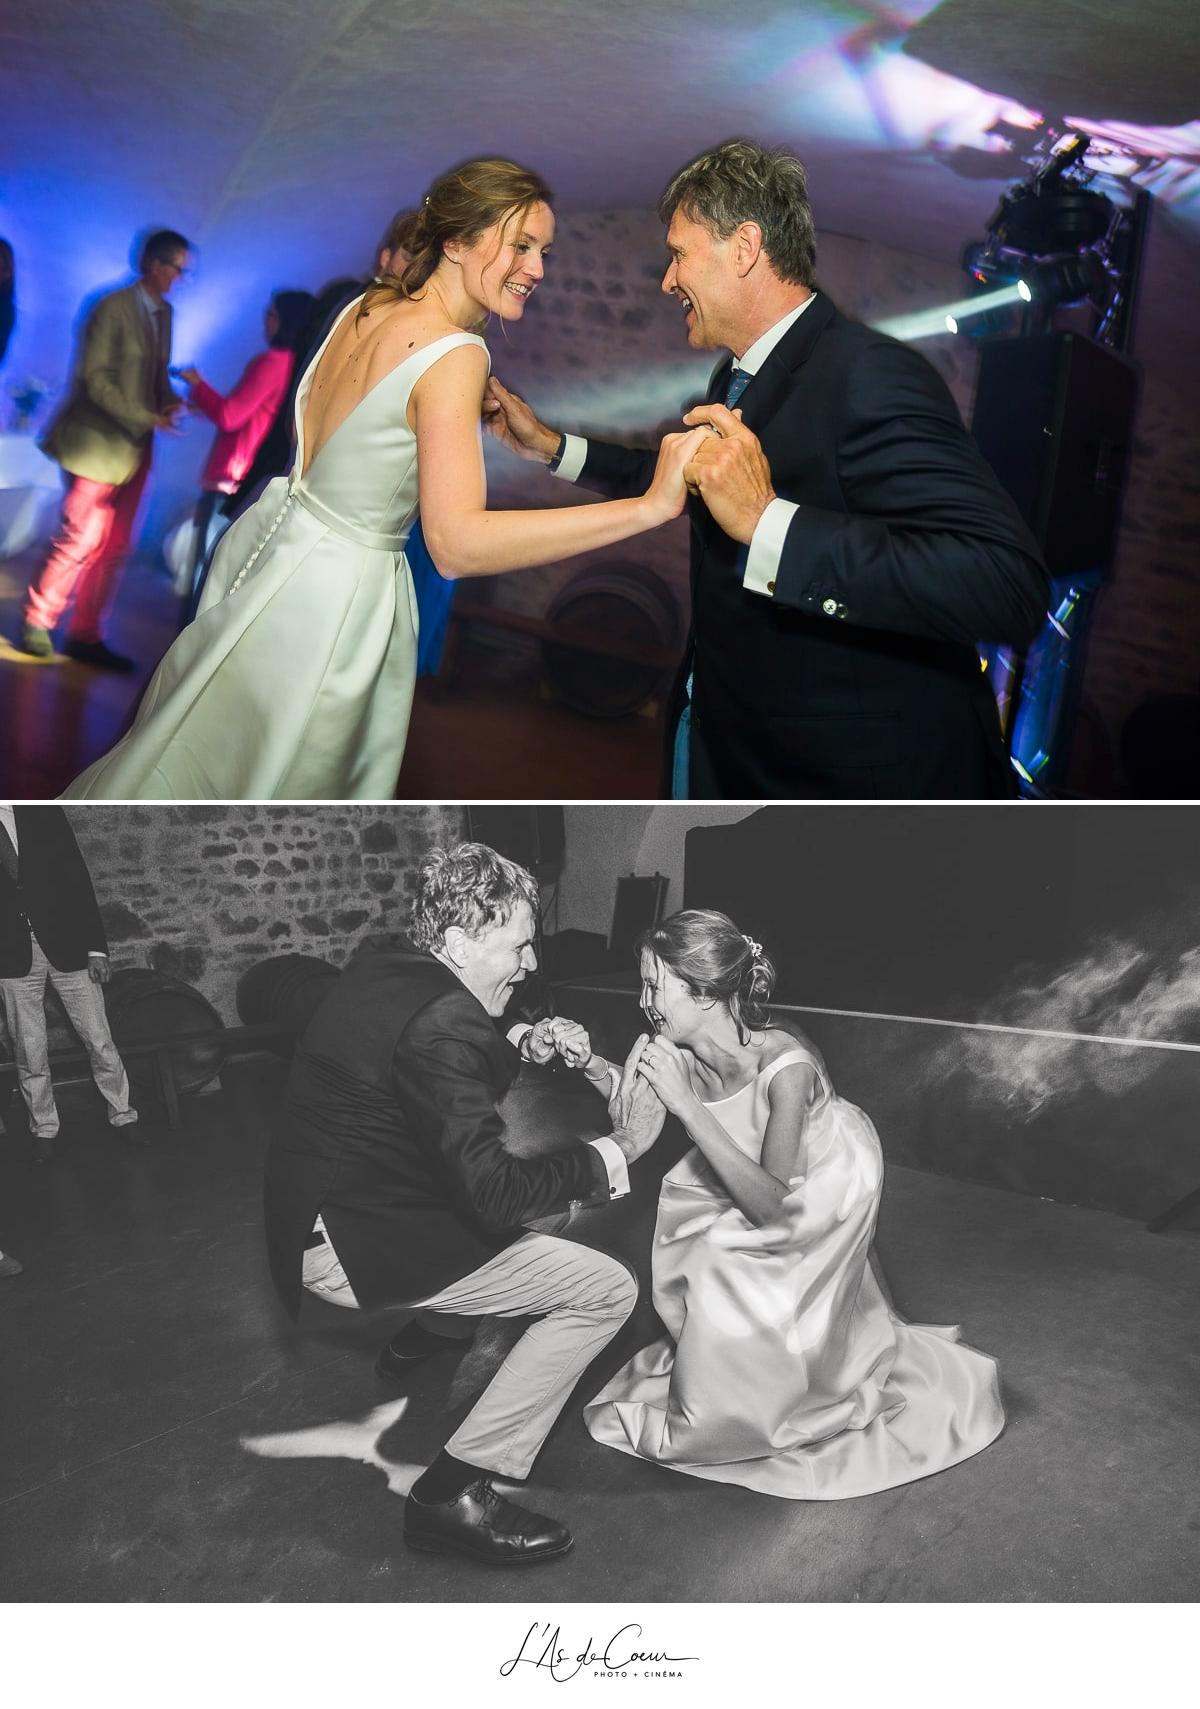 danse père mariée photo mariage Domaine de Morgon la javernière photographe mariage lyon Beaujolais L'As de Coeur